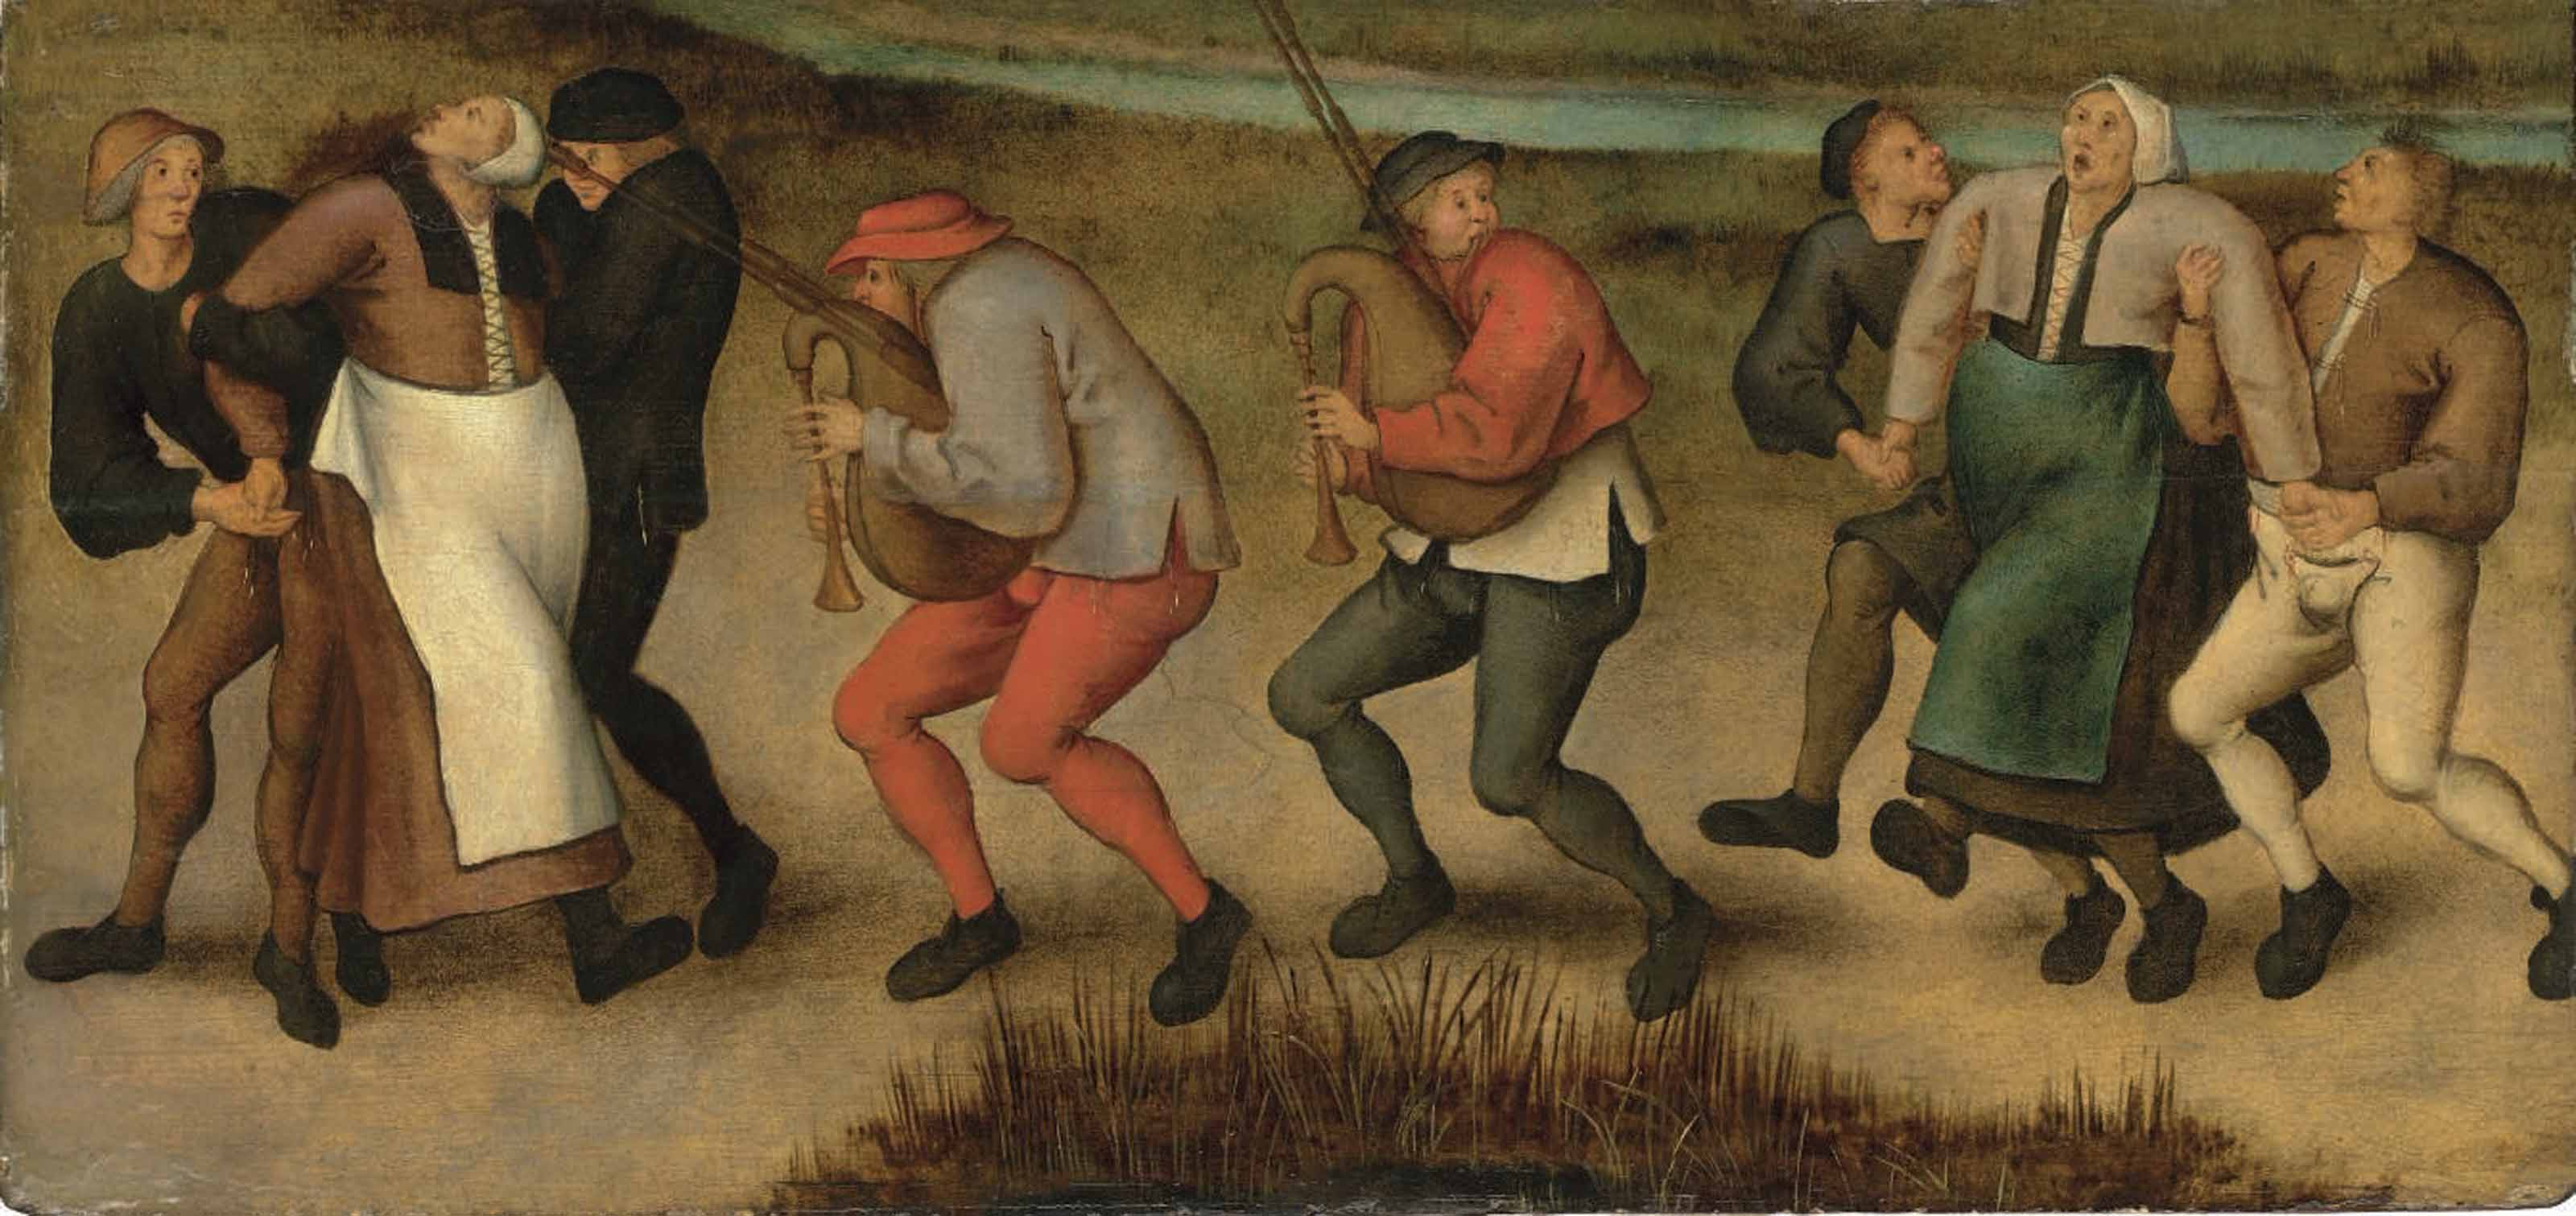 The Saint John's Dancers in Molenbeeck